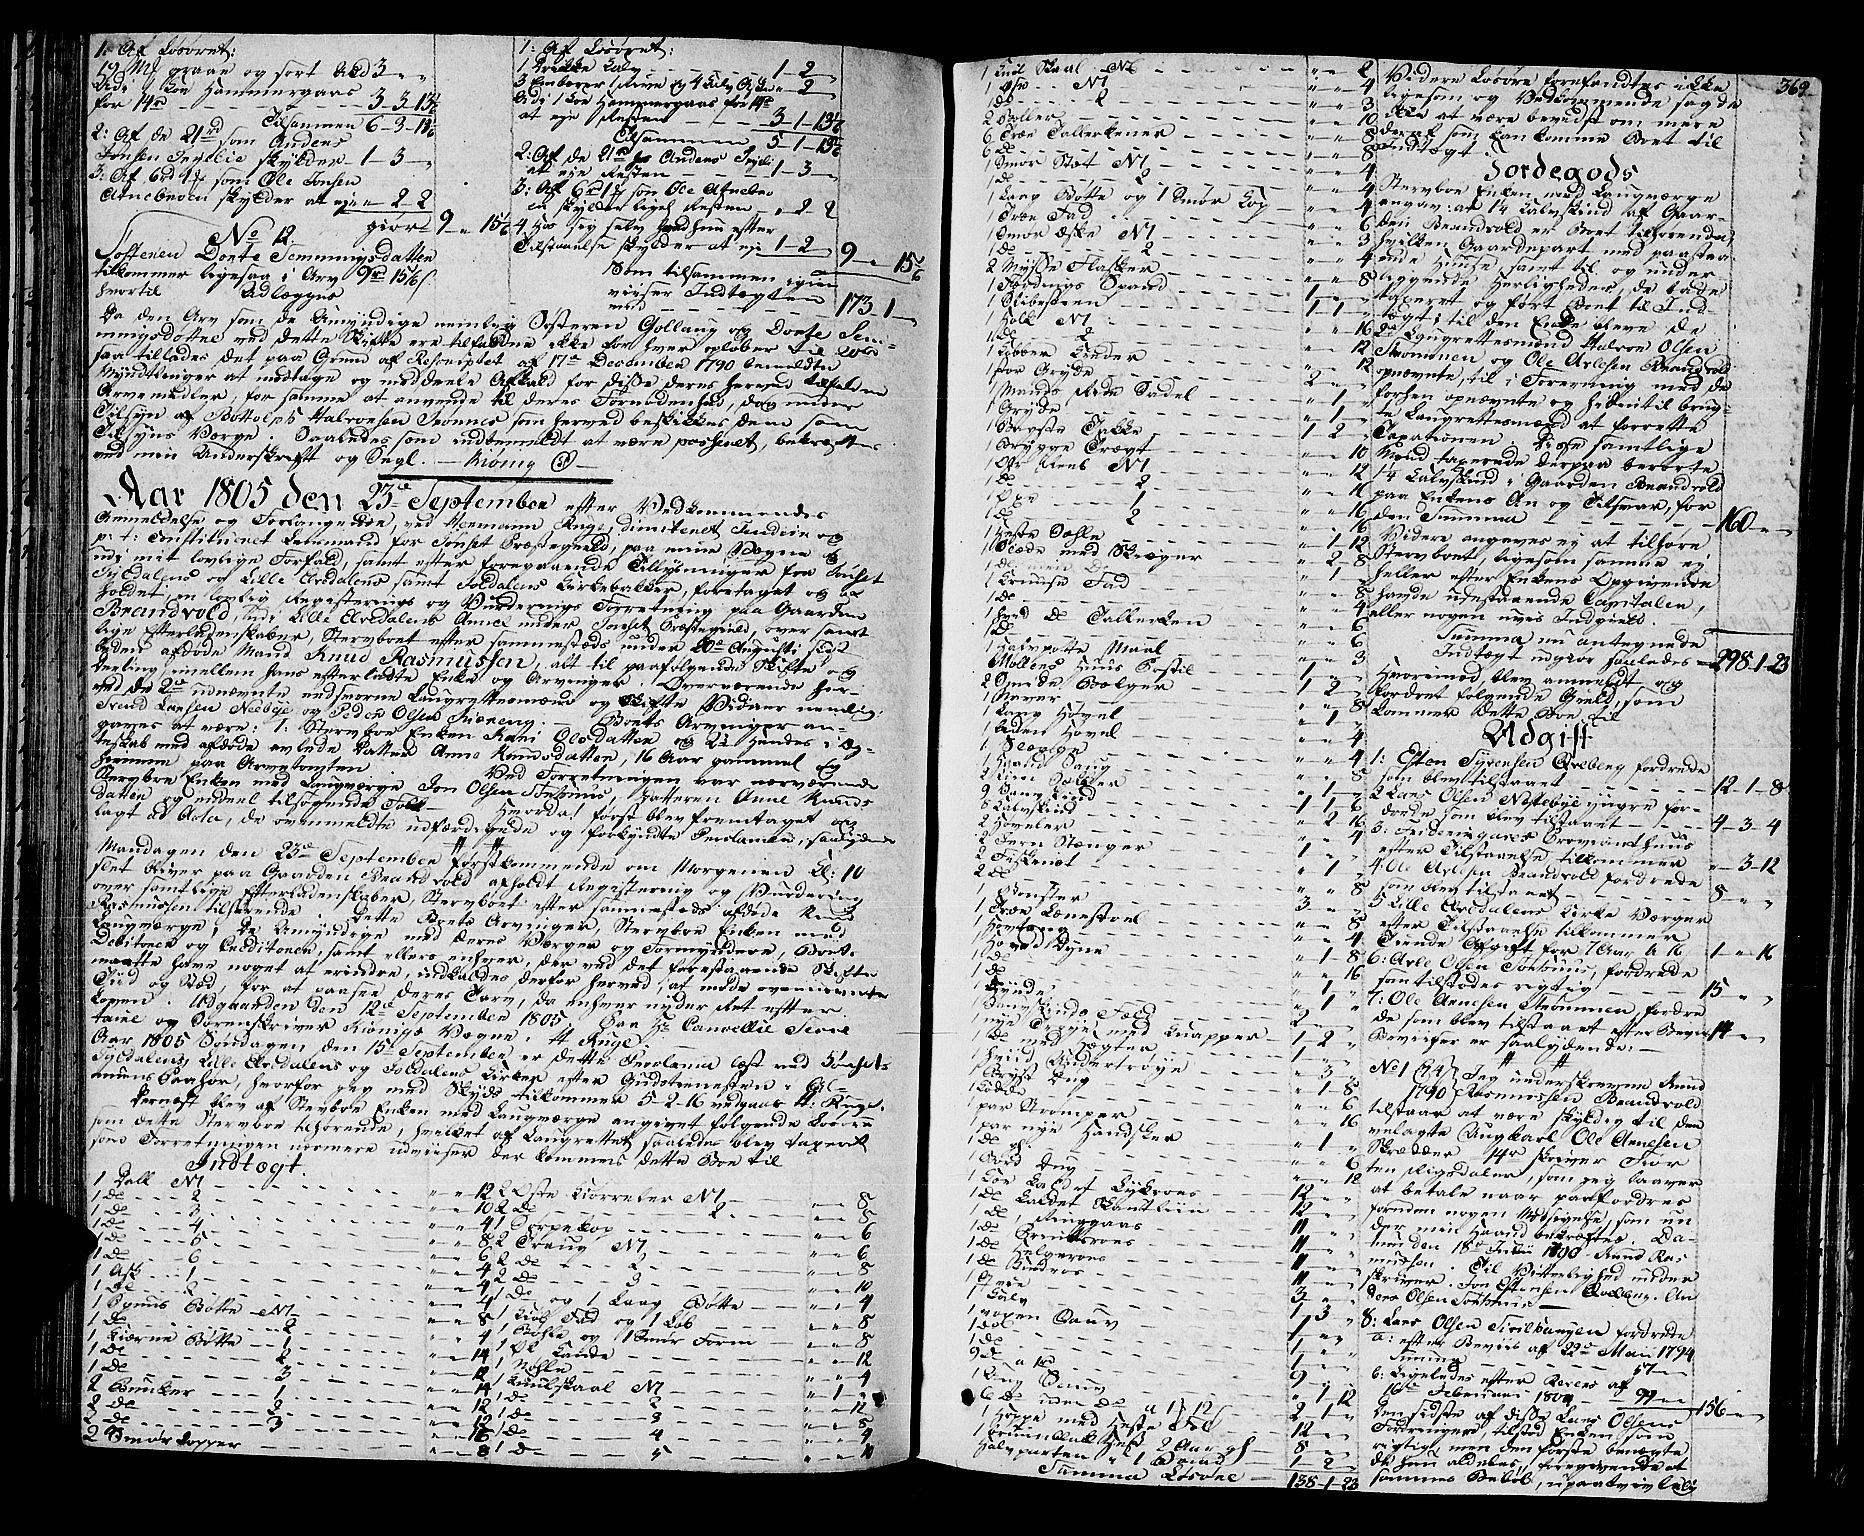 SAH, Østerdalen sorenskriveri, J/Ja/L0009: Skifteprotokoll, 1803-1806, s. 368b-369a